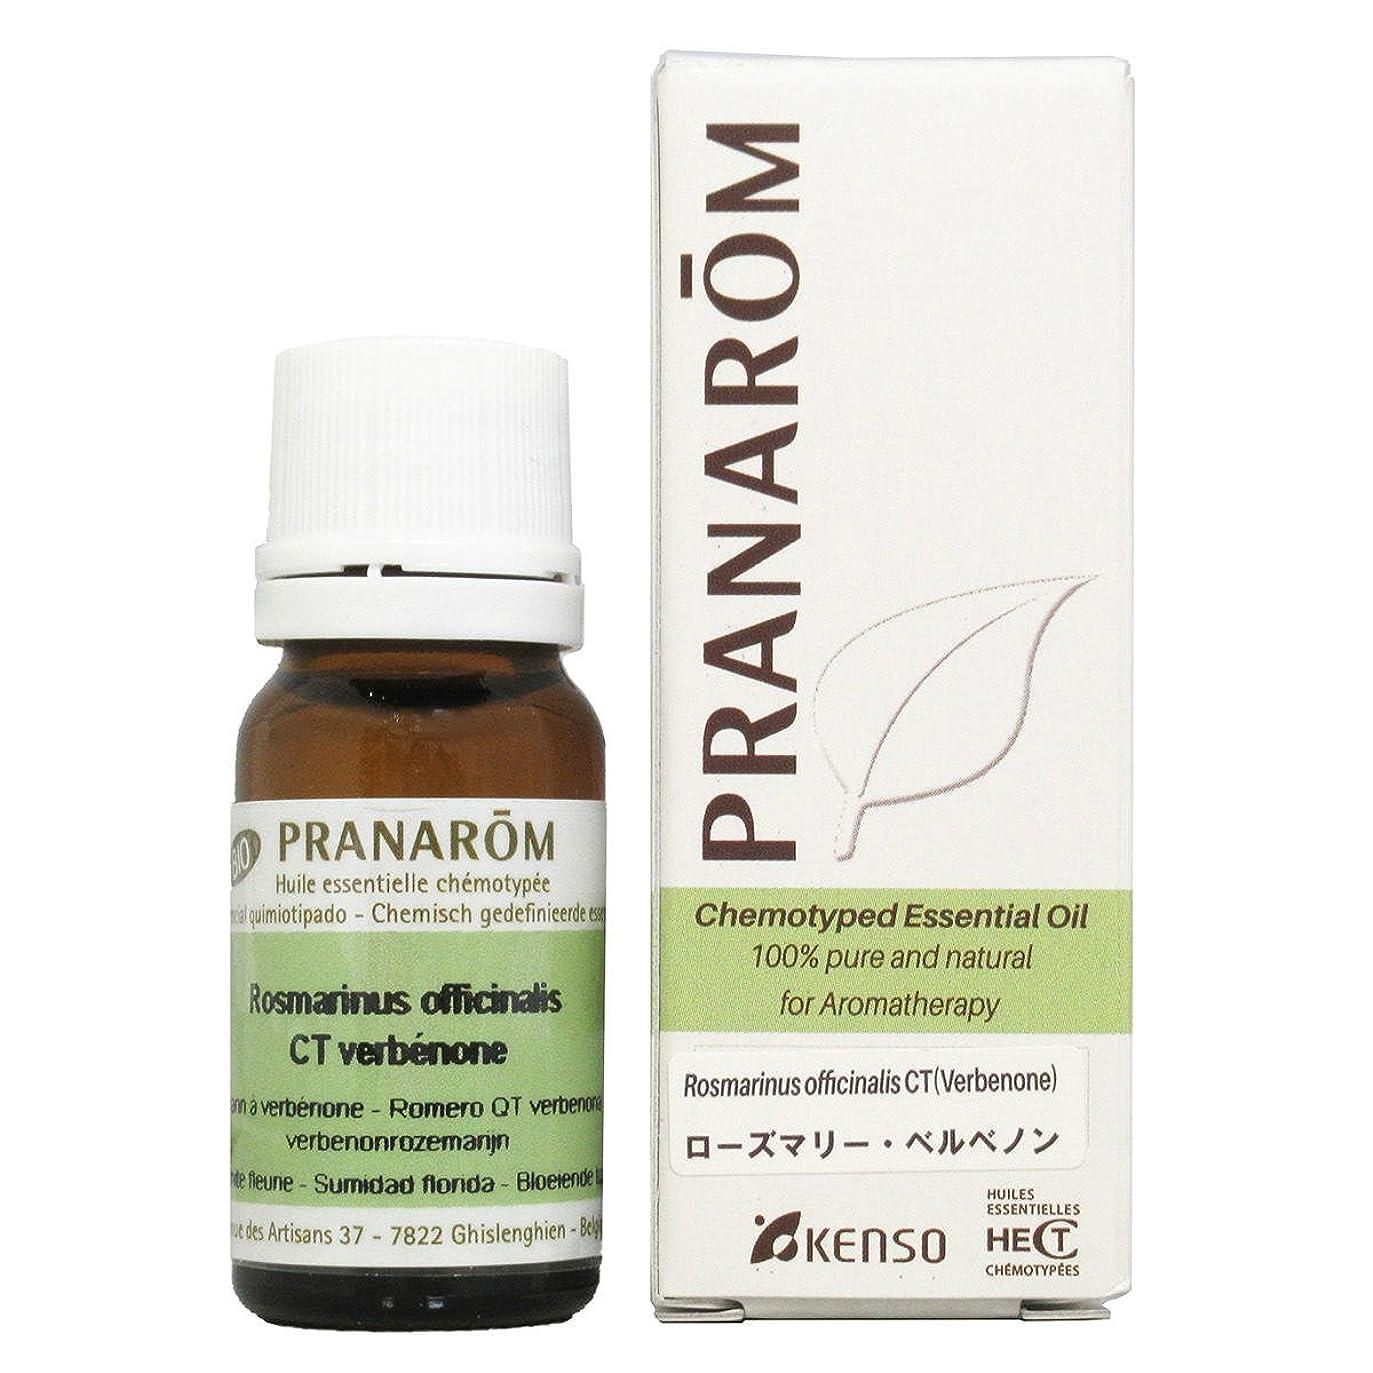 保有者シネウィタイムリーなプラナロム ローズマリーベルベノン 10ml (PRANAROM ケモタイプ精油)